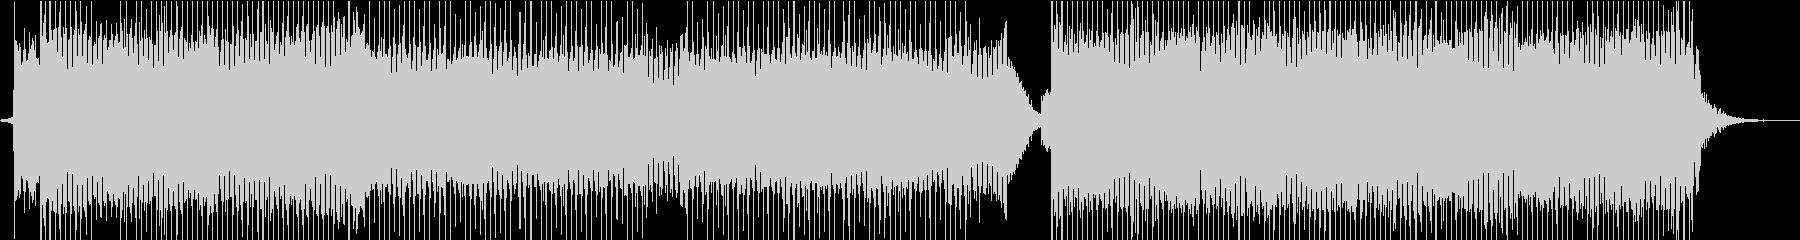 かわいいエレクトロポップダンスミュージッの未再生の波形